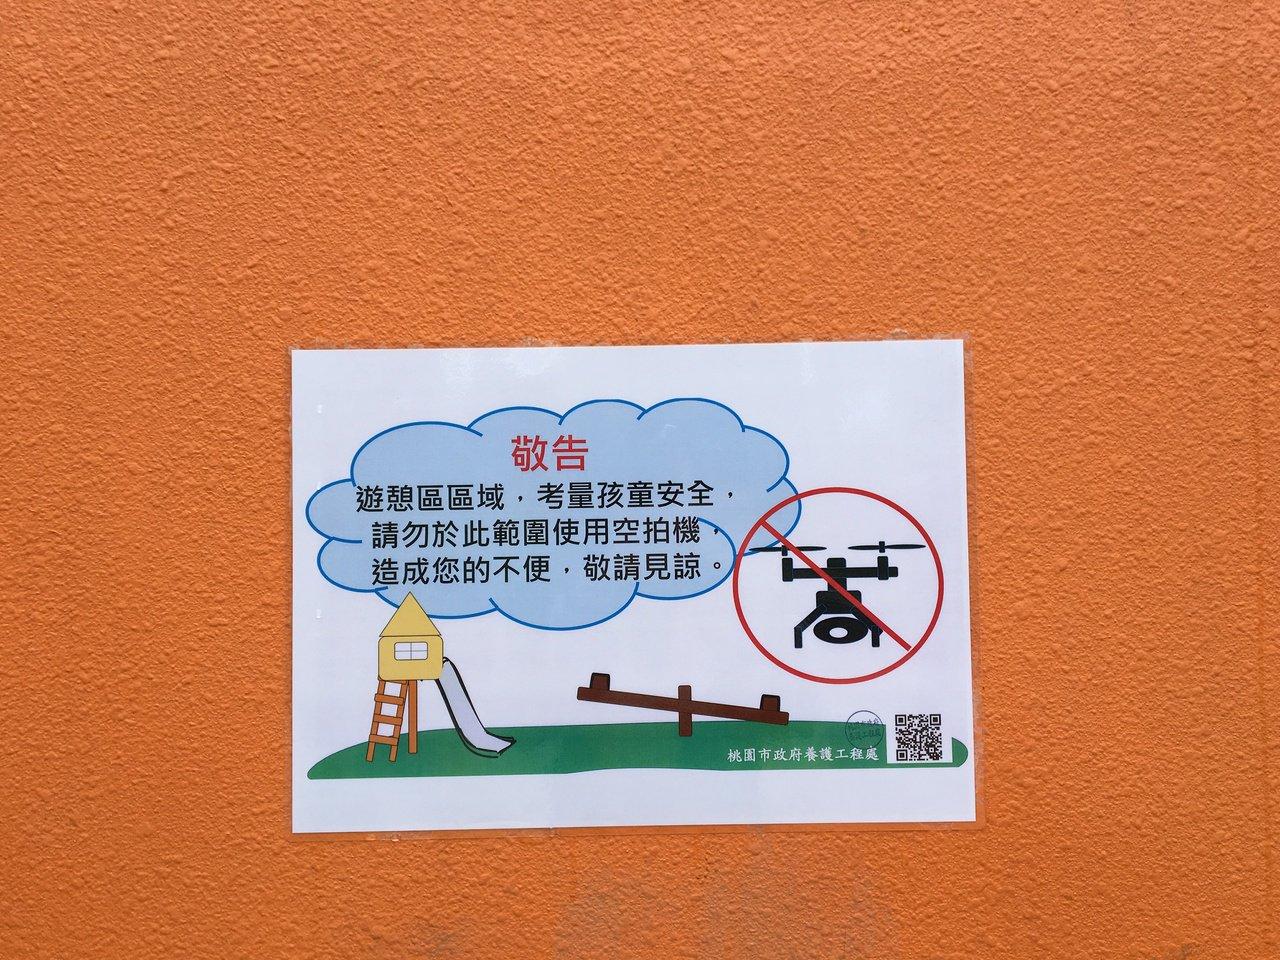 桃園市桃園區風禾公園打造滾輪滑梯、磨石子滑梯等遊戲區,大受歡迎,為維護孩童遊戲安...